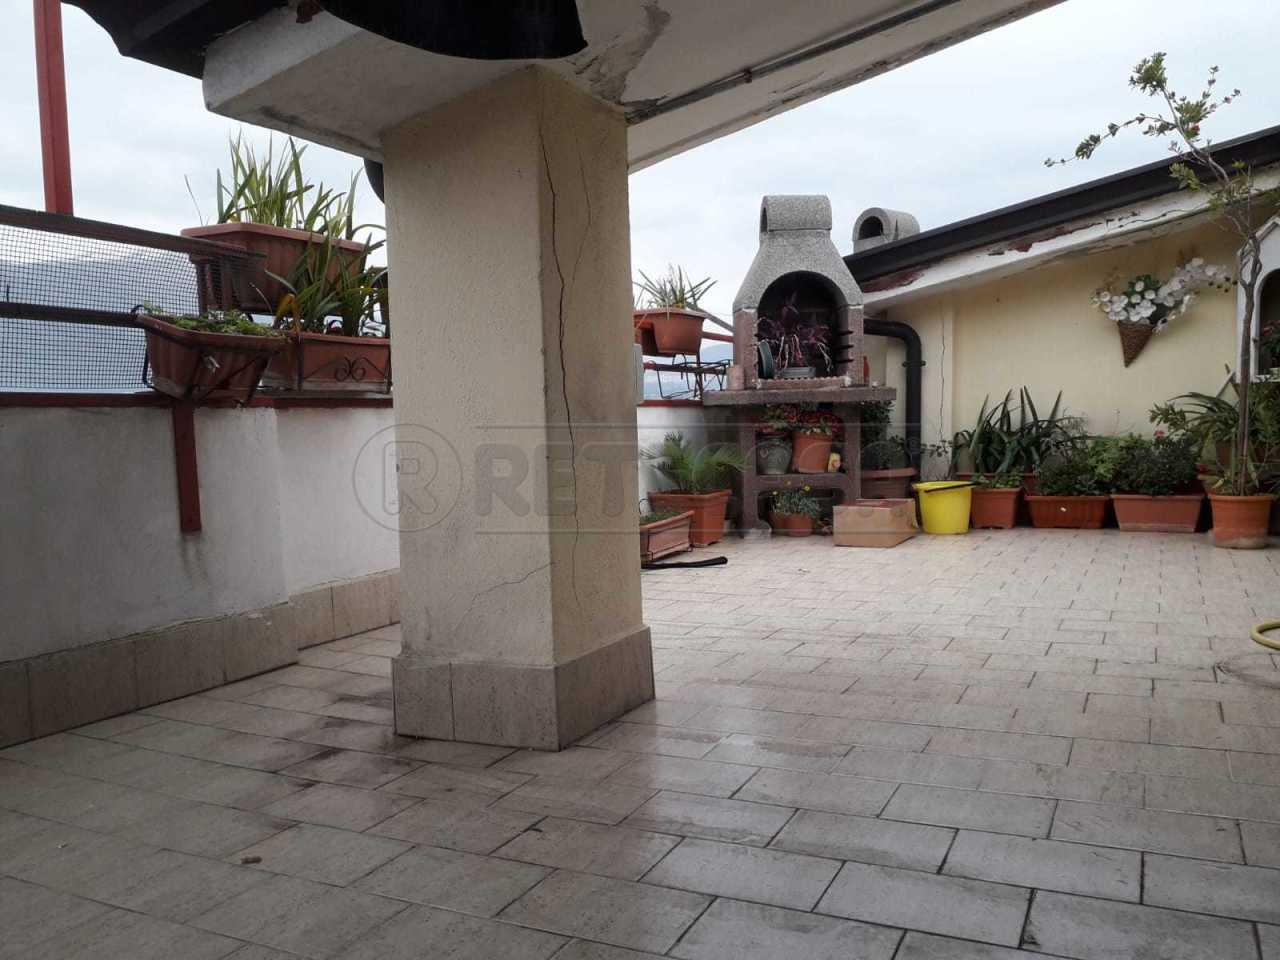 Attico / Mansarda in vendita a Mercato San Severino, 3 locali, prezzo € 67.000 | PortaleAgenzieImmobiliari.it